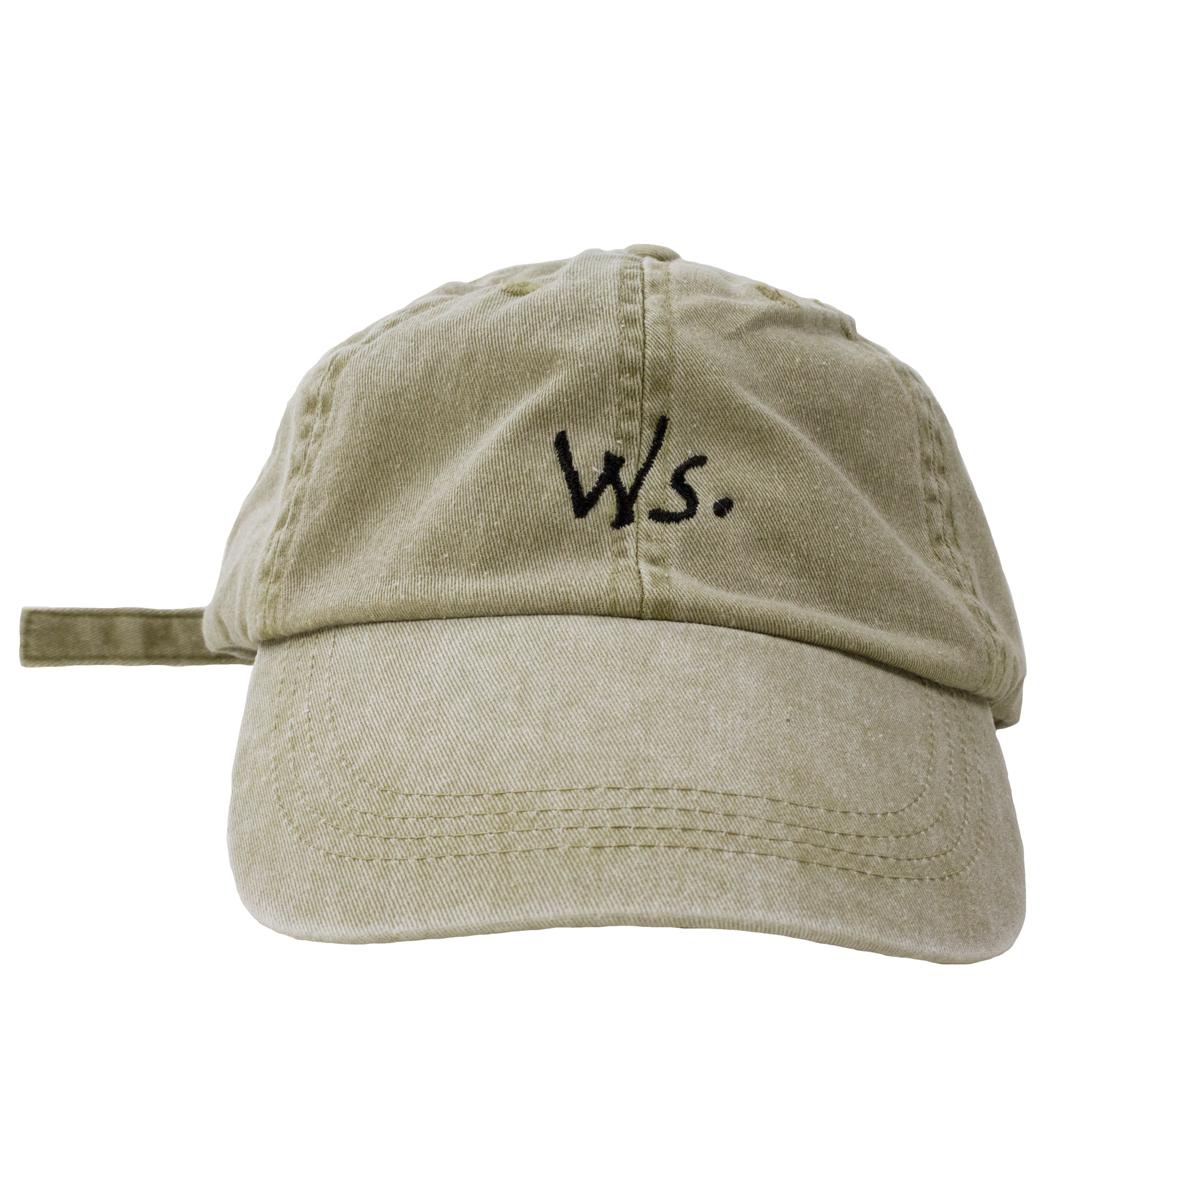 Khaki_Cap_WS.jpg